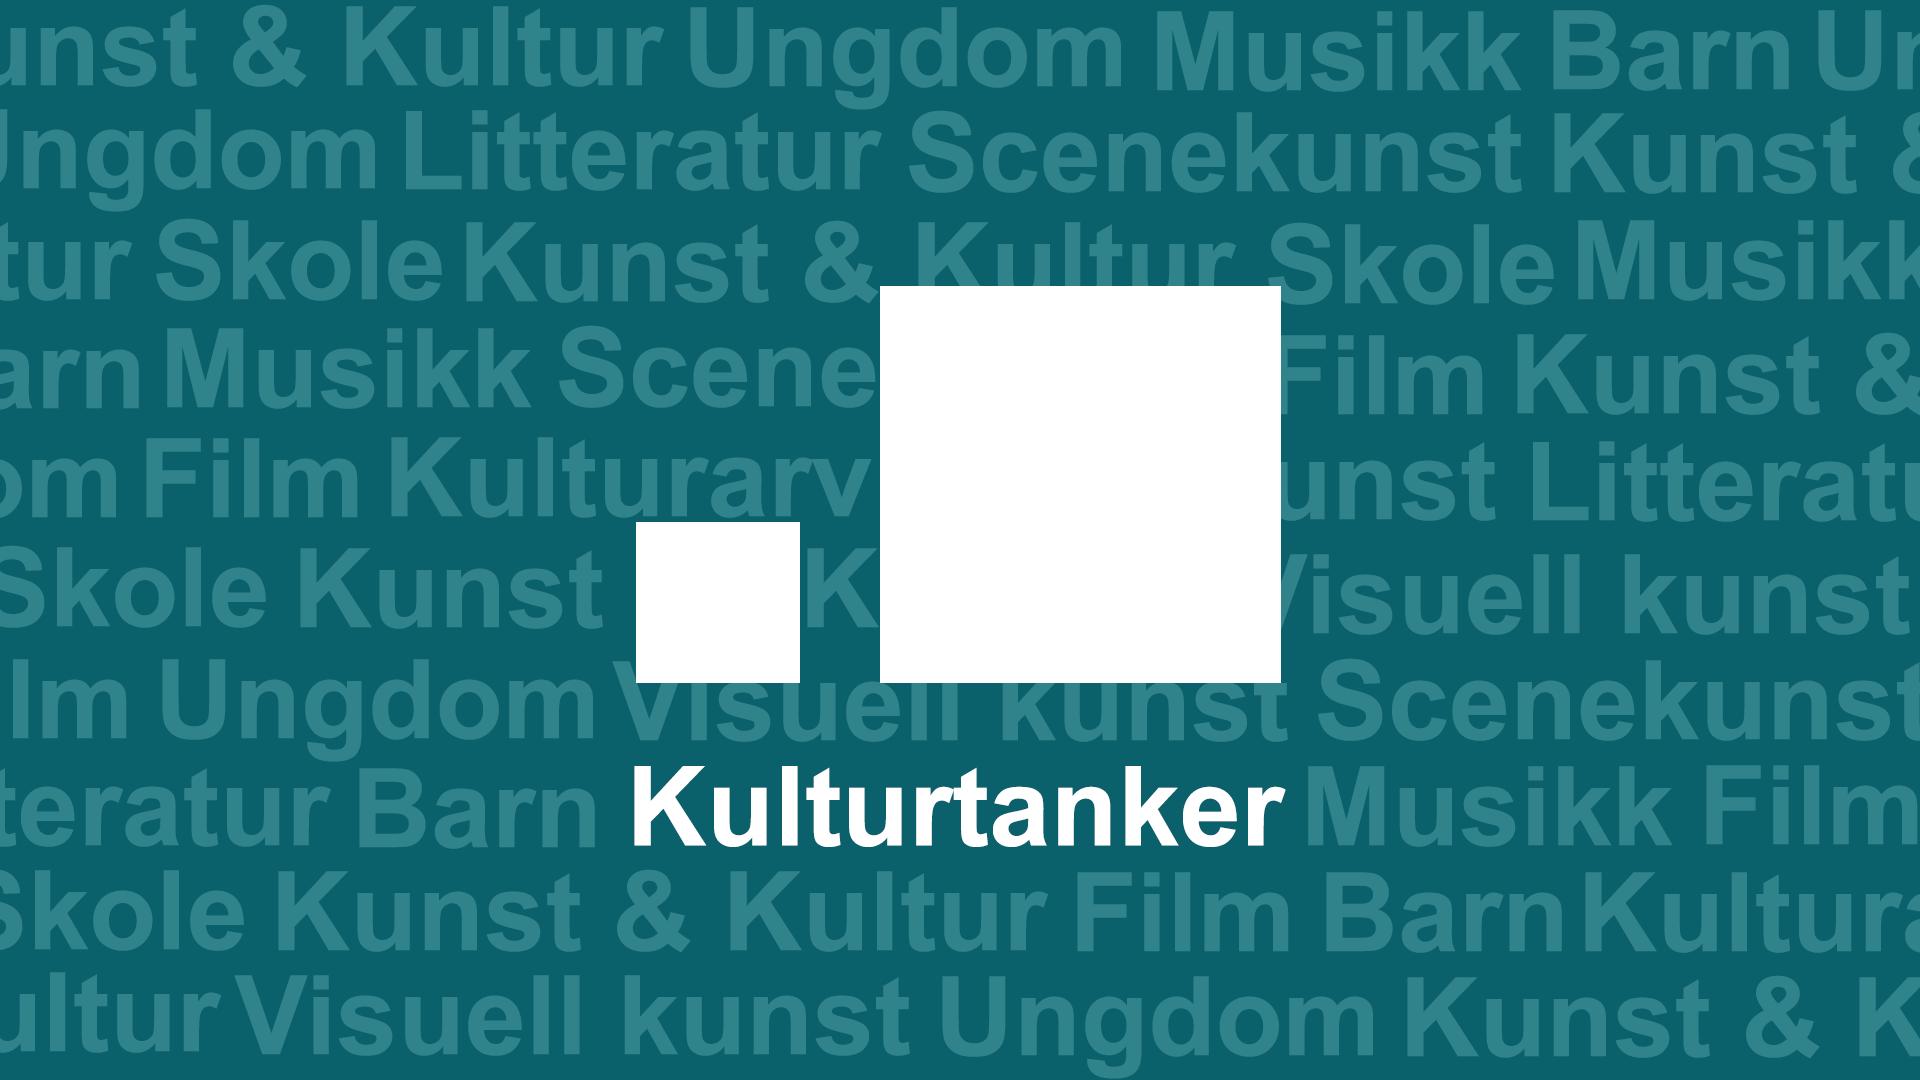 Ny podkast: Kulturtanker